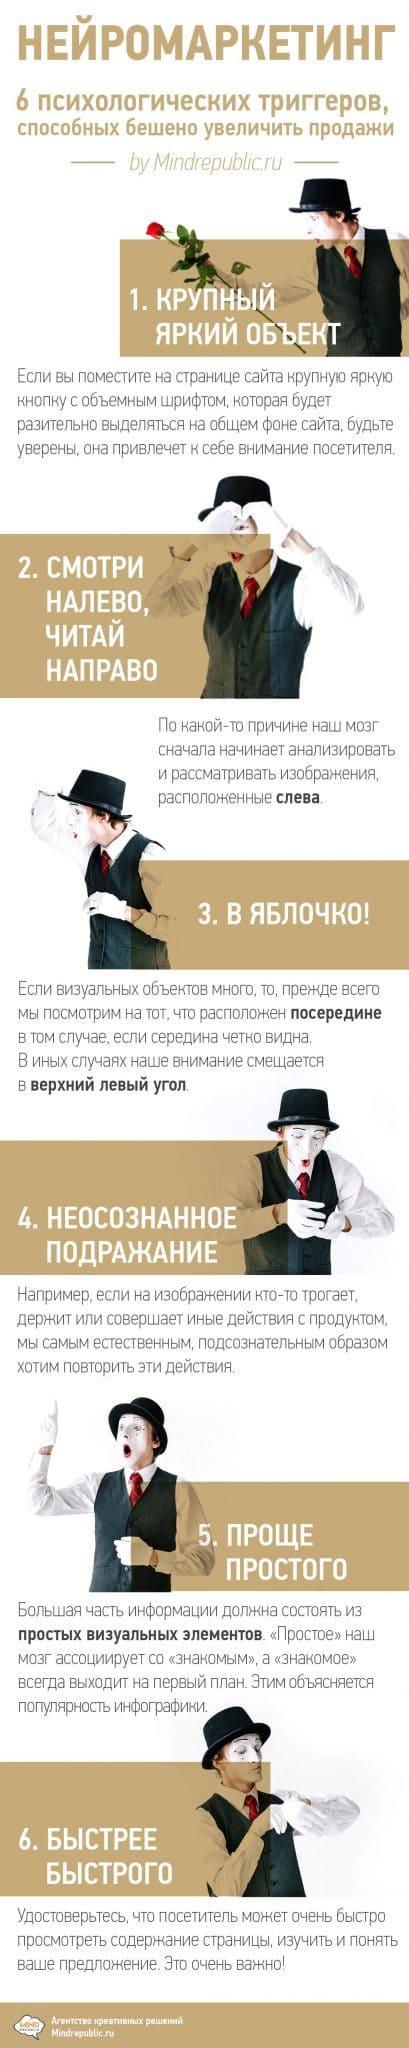 Нейромаркетинг. Инфографика про 14 триггеров, повышающих продажи